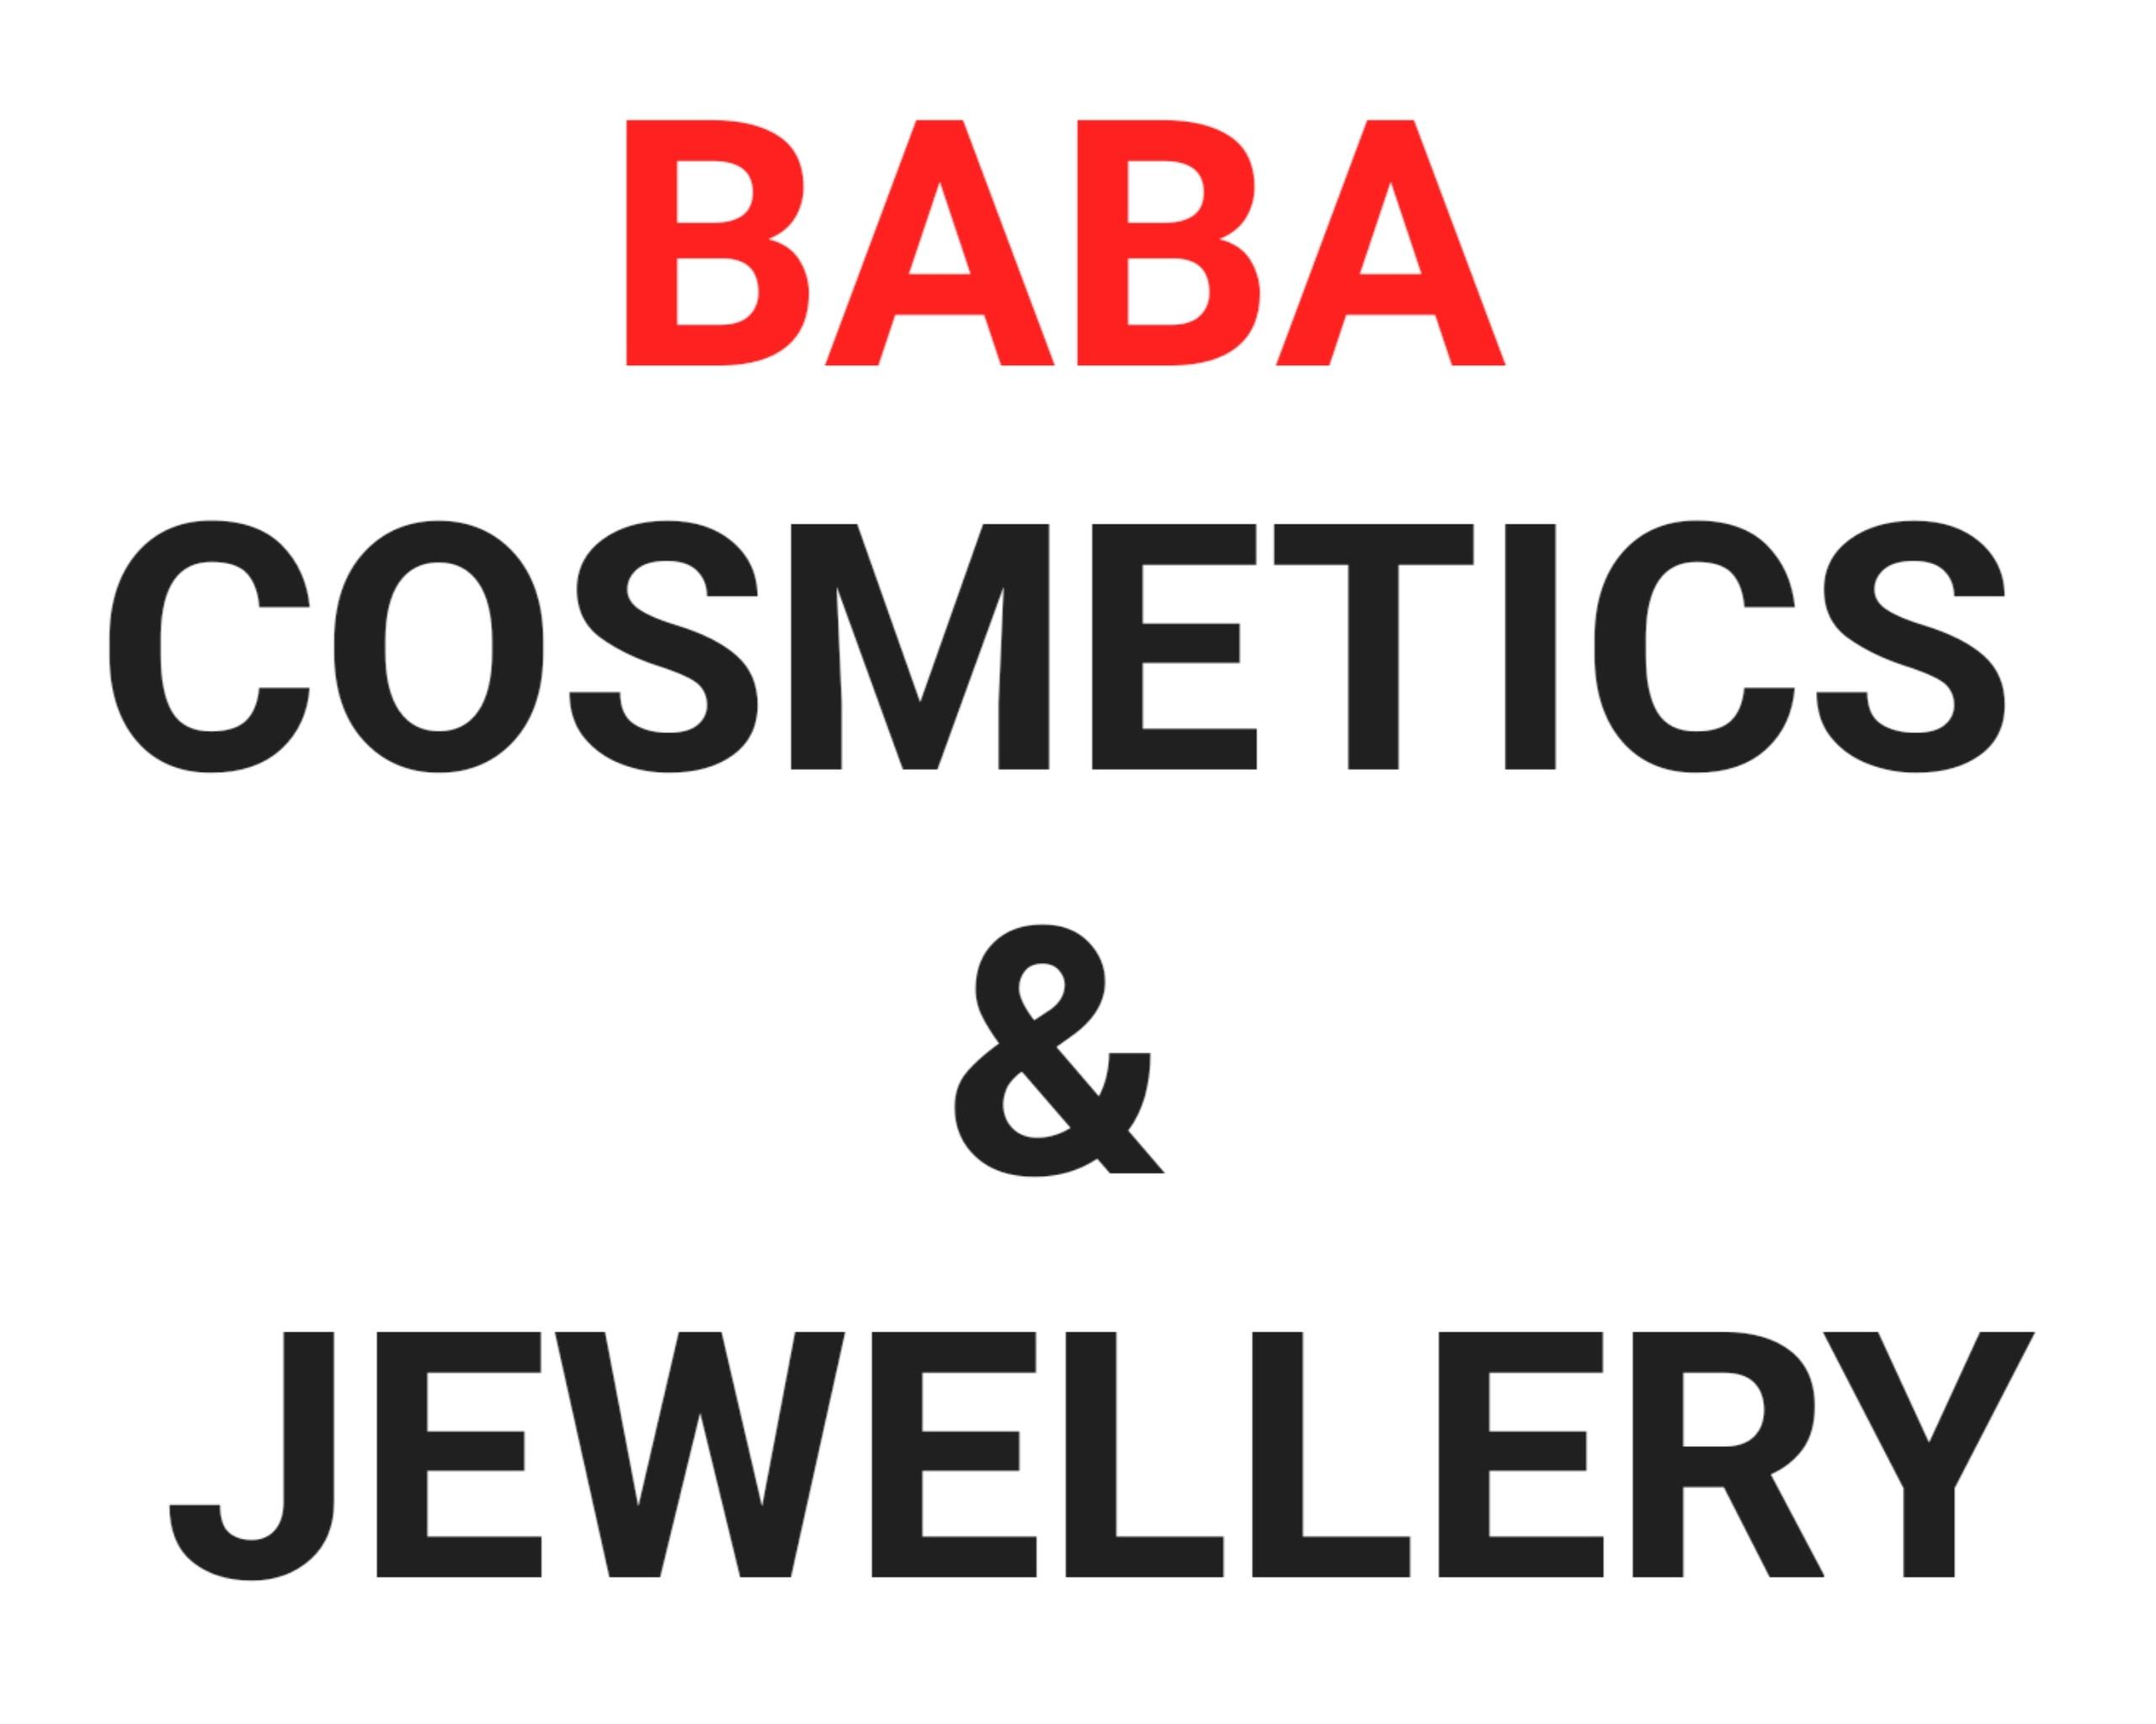 BABA COSMETICS AND JEWELLERY